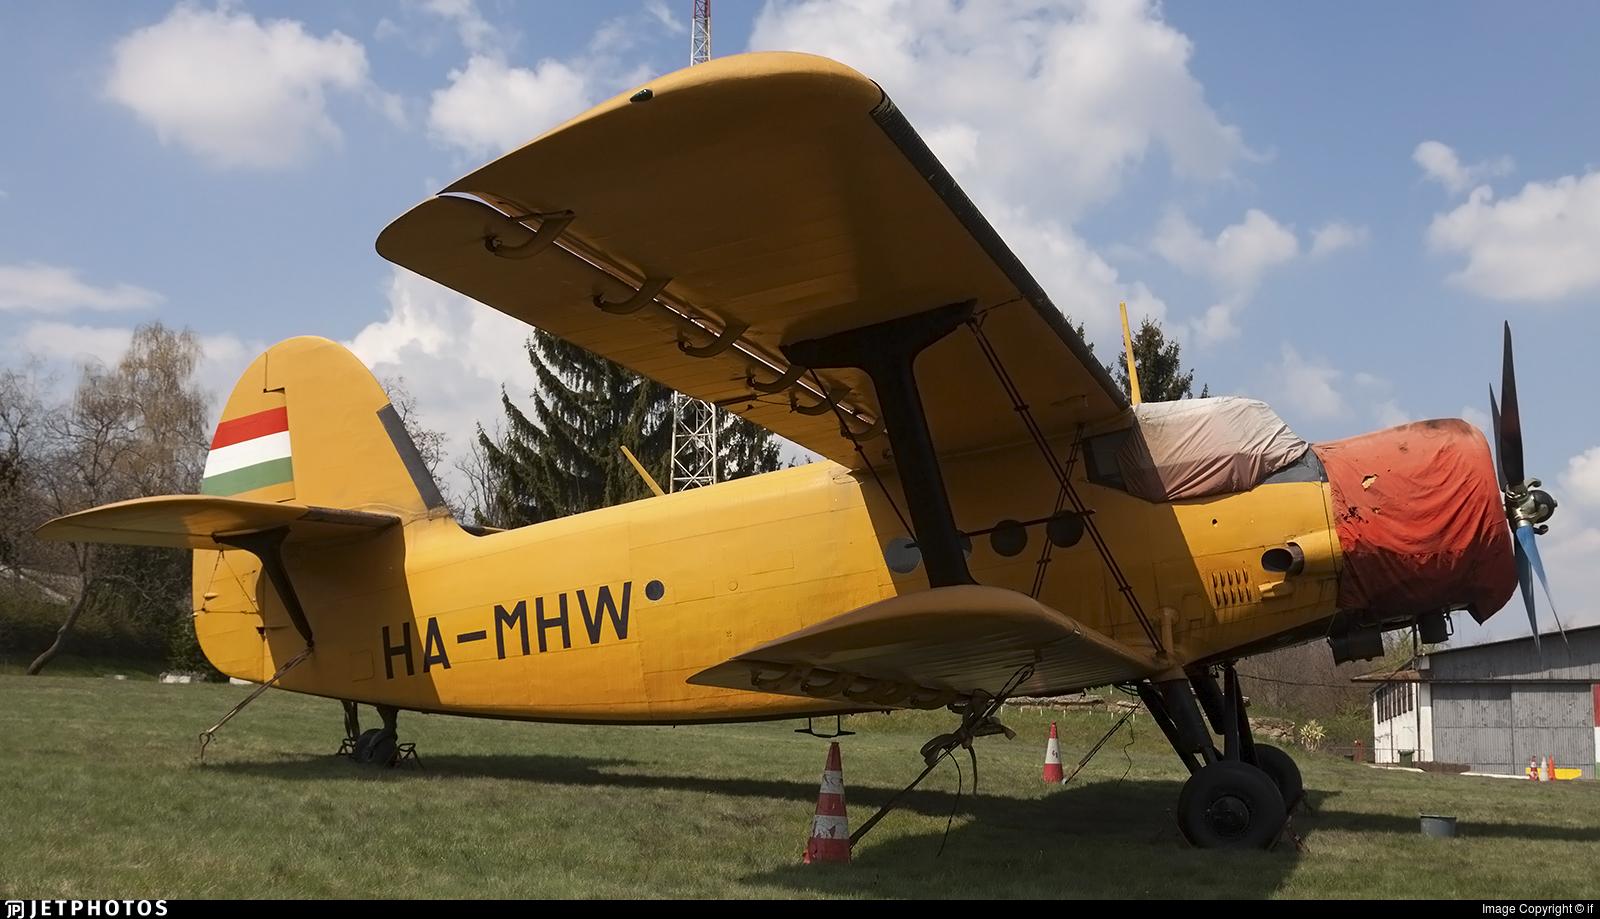 HA-MHW - PZL-Mielec An-2R - Private